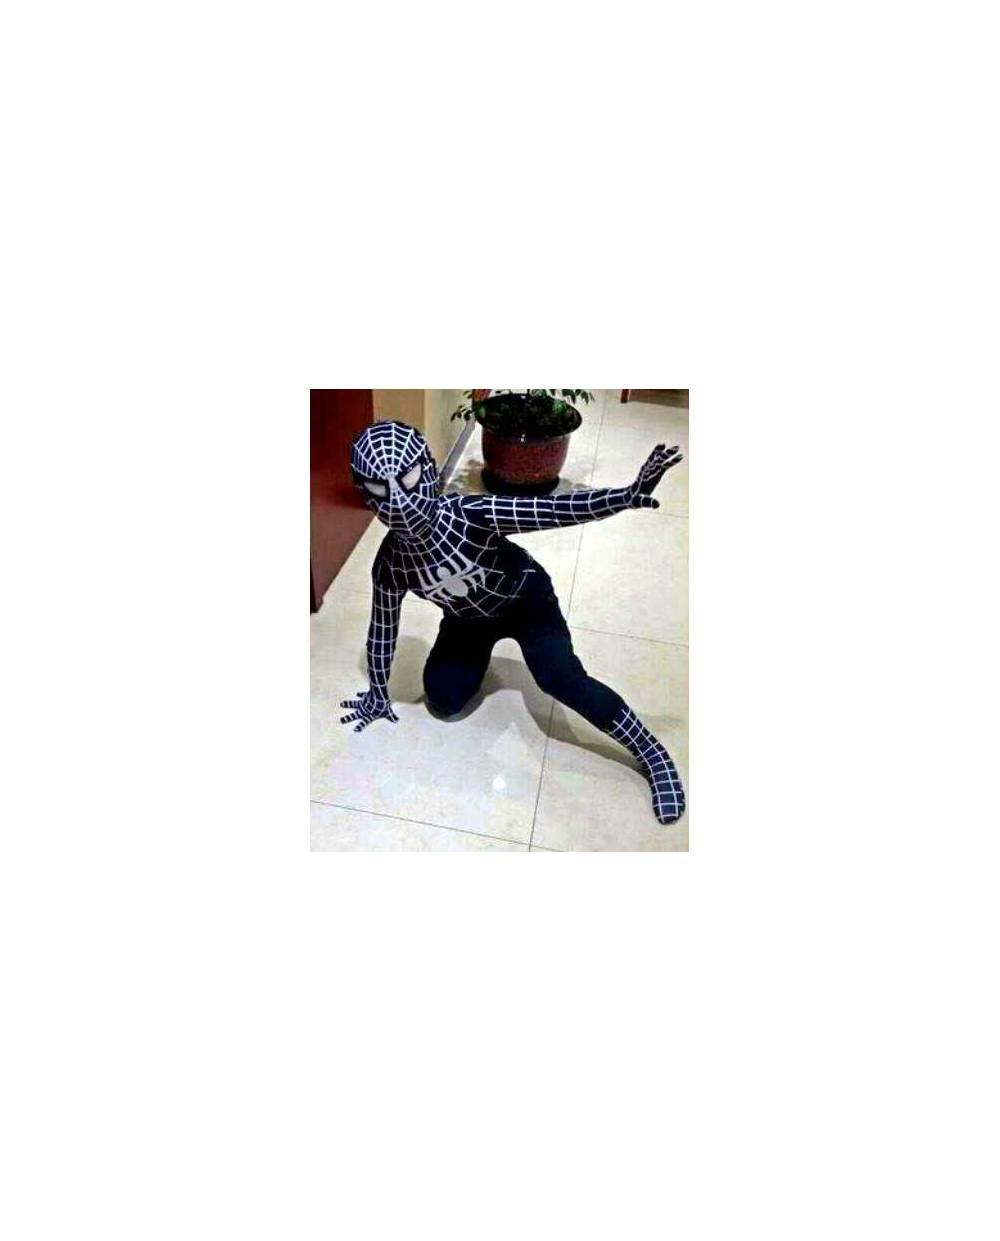 Où trouver l'offre Deguisement spiderman enfant au meilleur prix? Dans le magasin Jeux - Jouets de Cdiscount bien sûr! Avec des prix débutant au plus bas aujourd'hui lundi 8 octobre , comment ne pas craquer pour l'un de ces produits.